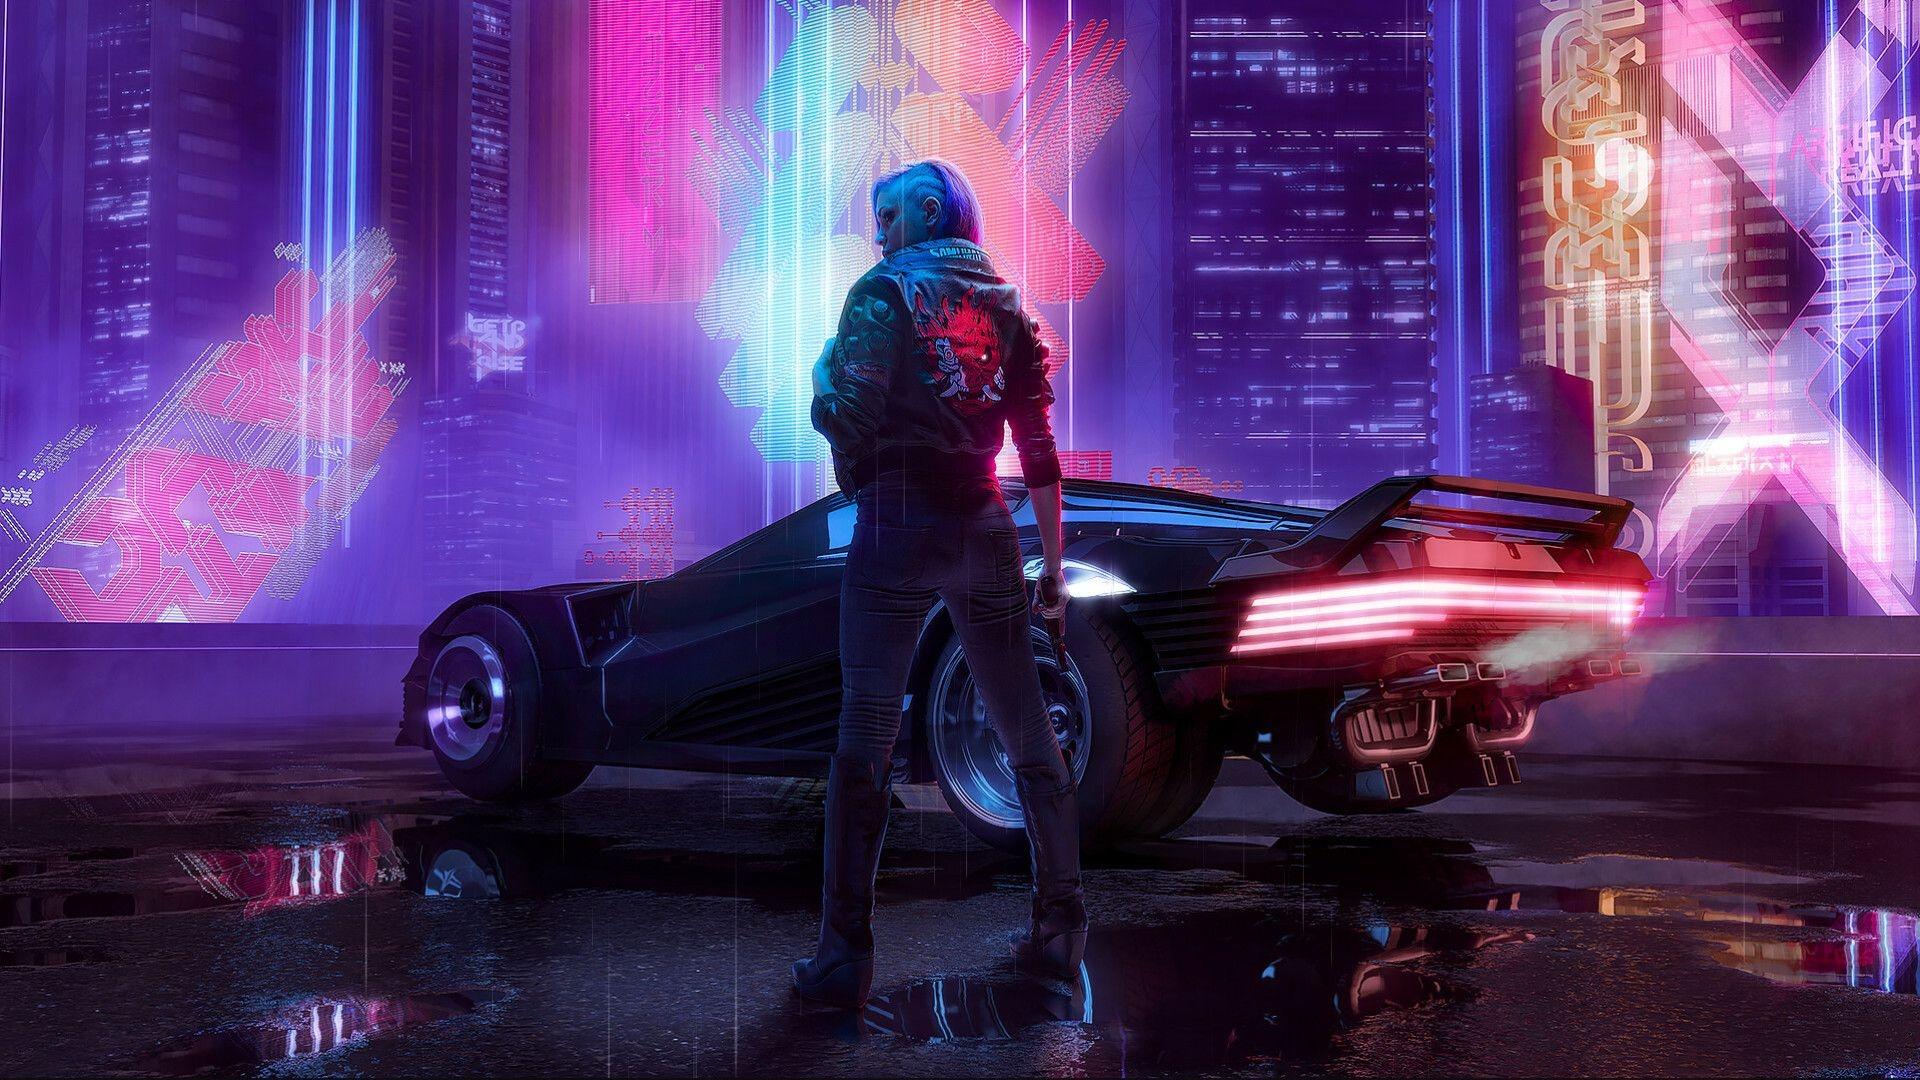 В мультиплеере Cyberpunk 2077 будет «честная монетизация»